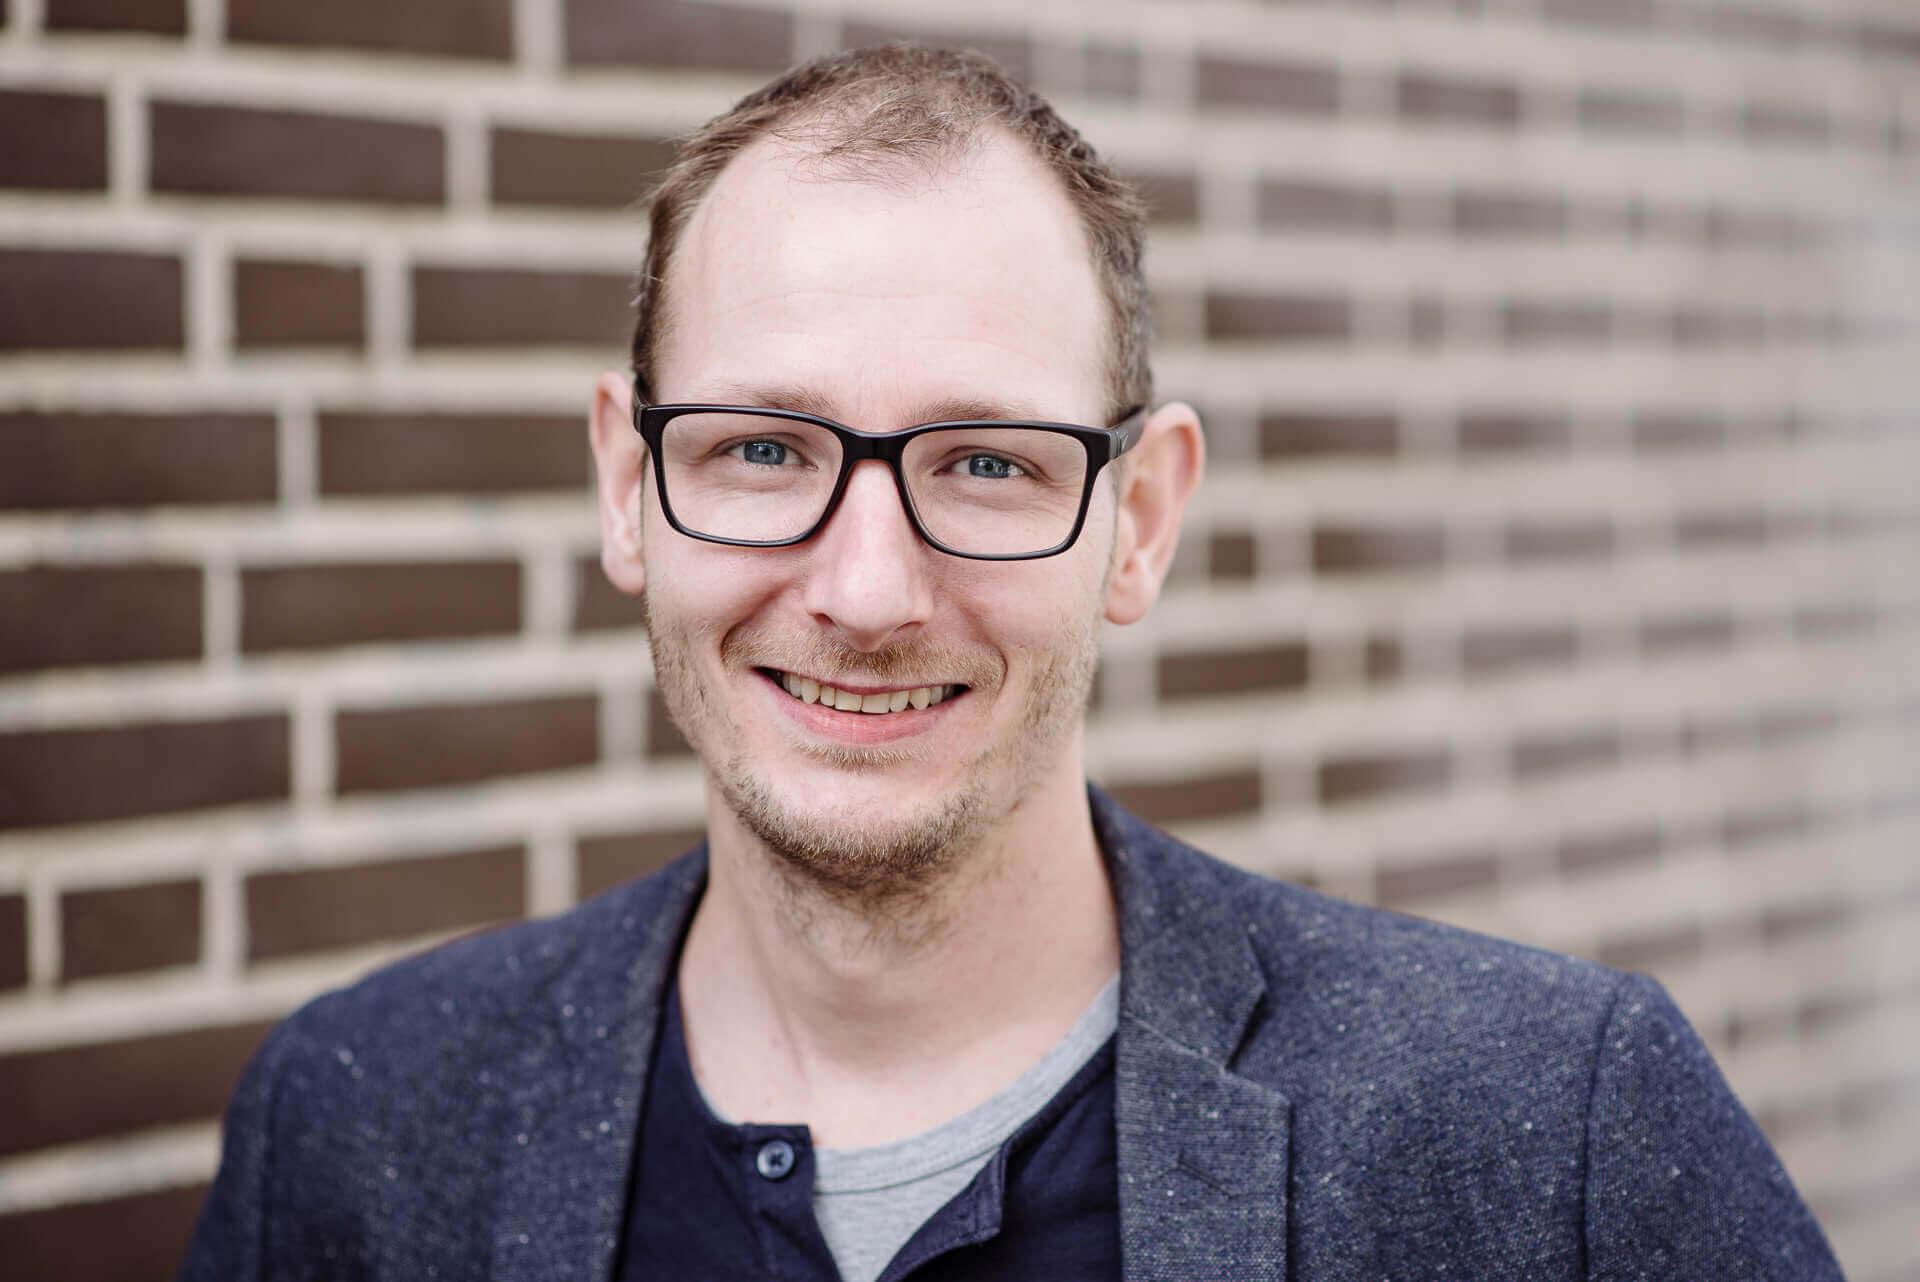 Bedrijfsfotografie fotoshoot portret zakelijk Deventer door bedrijfsfotograaf FotoGrietje